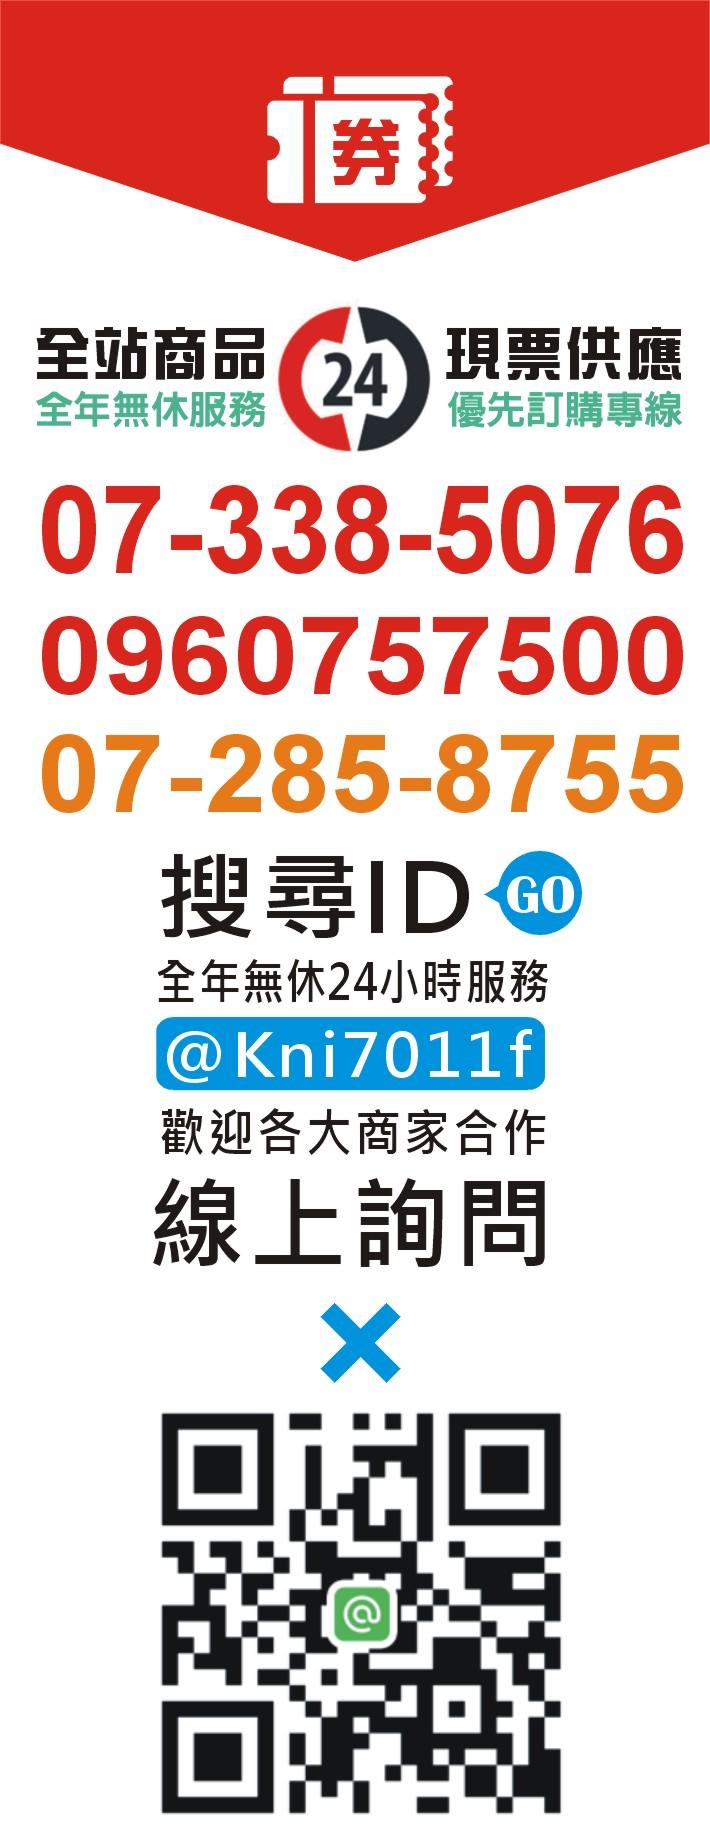 連絡電話.JPG